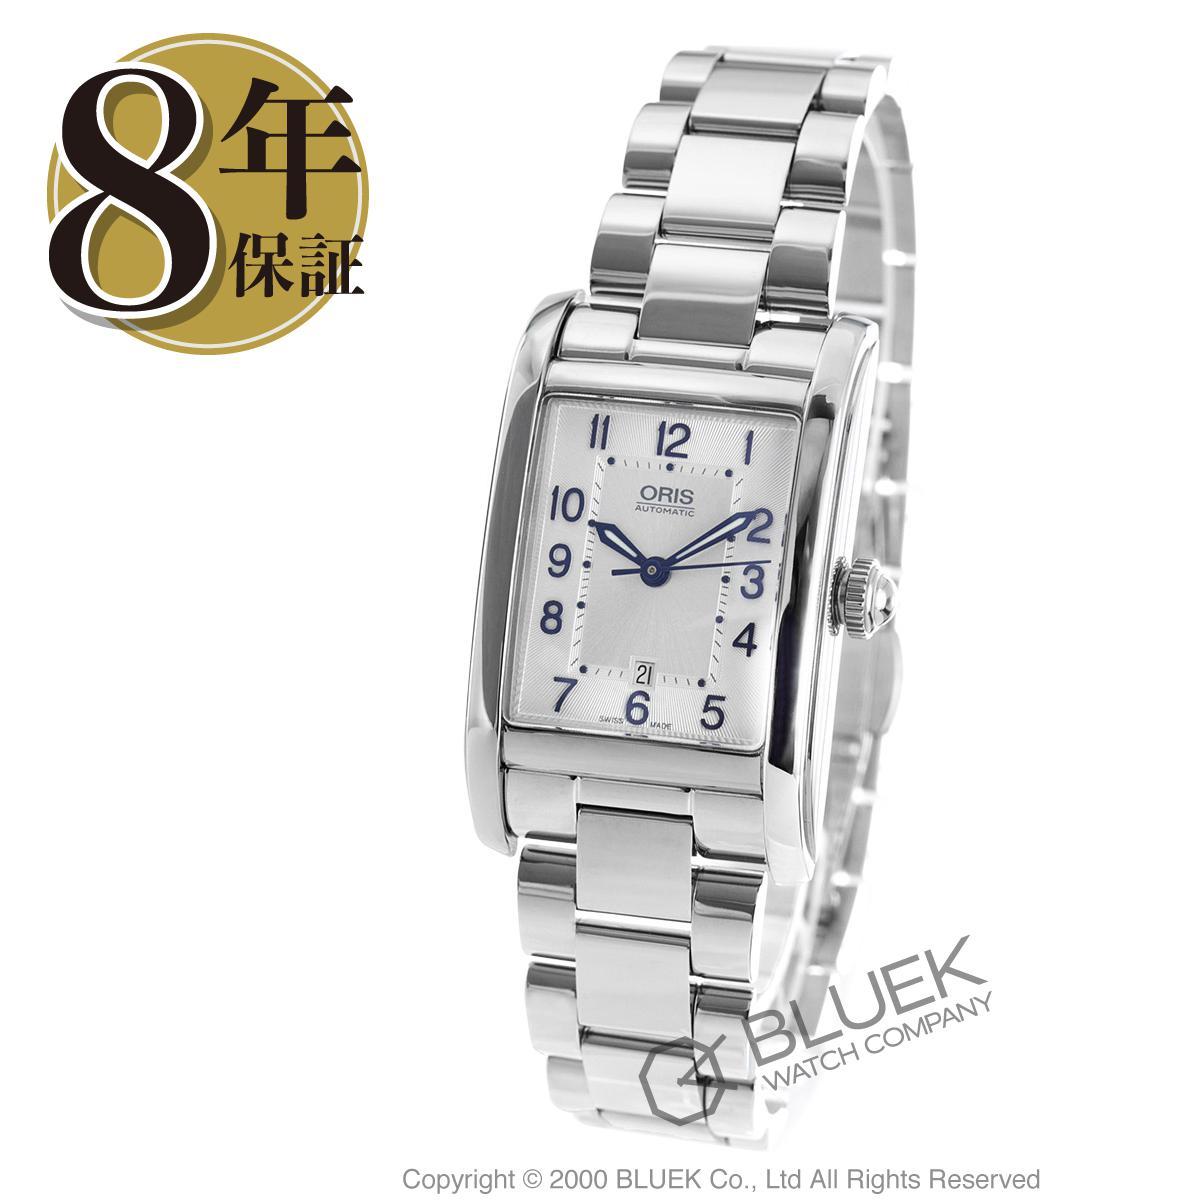 オリス レクタンギュラー デイト 腕時計 レディース ORIS 561 7692 4031M_8